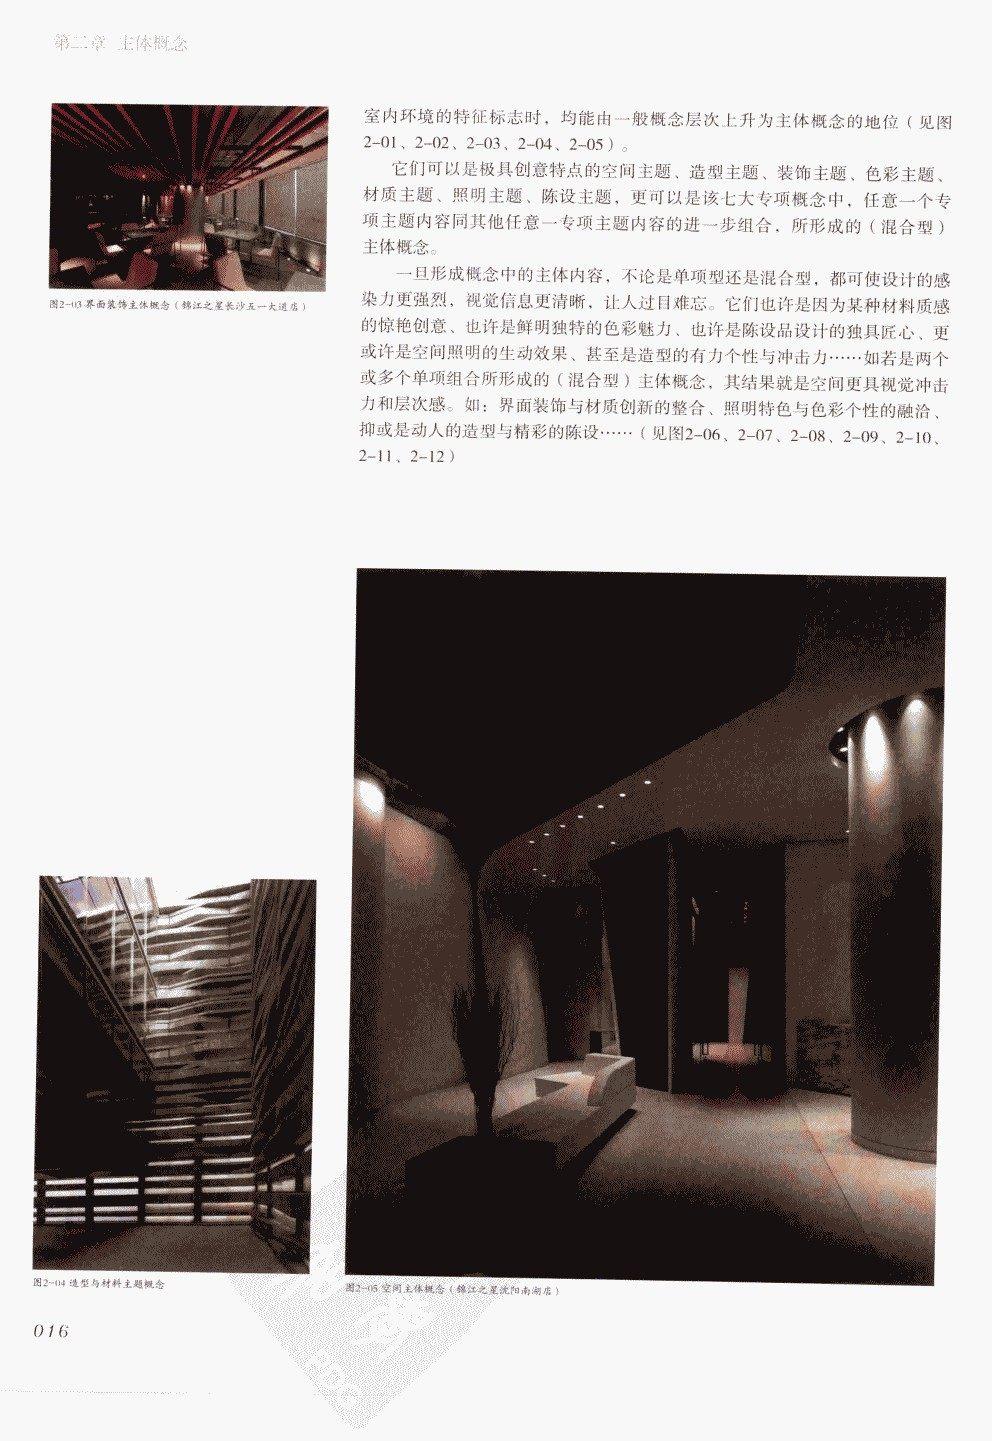 室内设计纲要++概念思考与过程表达_室内设计纲要  概念思考与过程表达_1297982..._页面_024.jpg